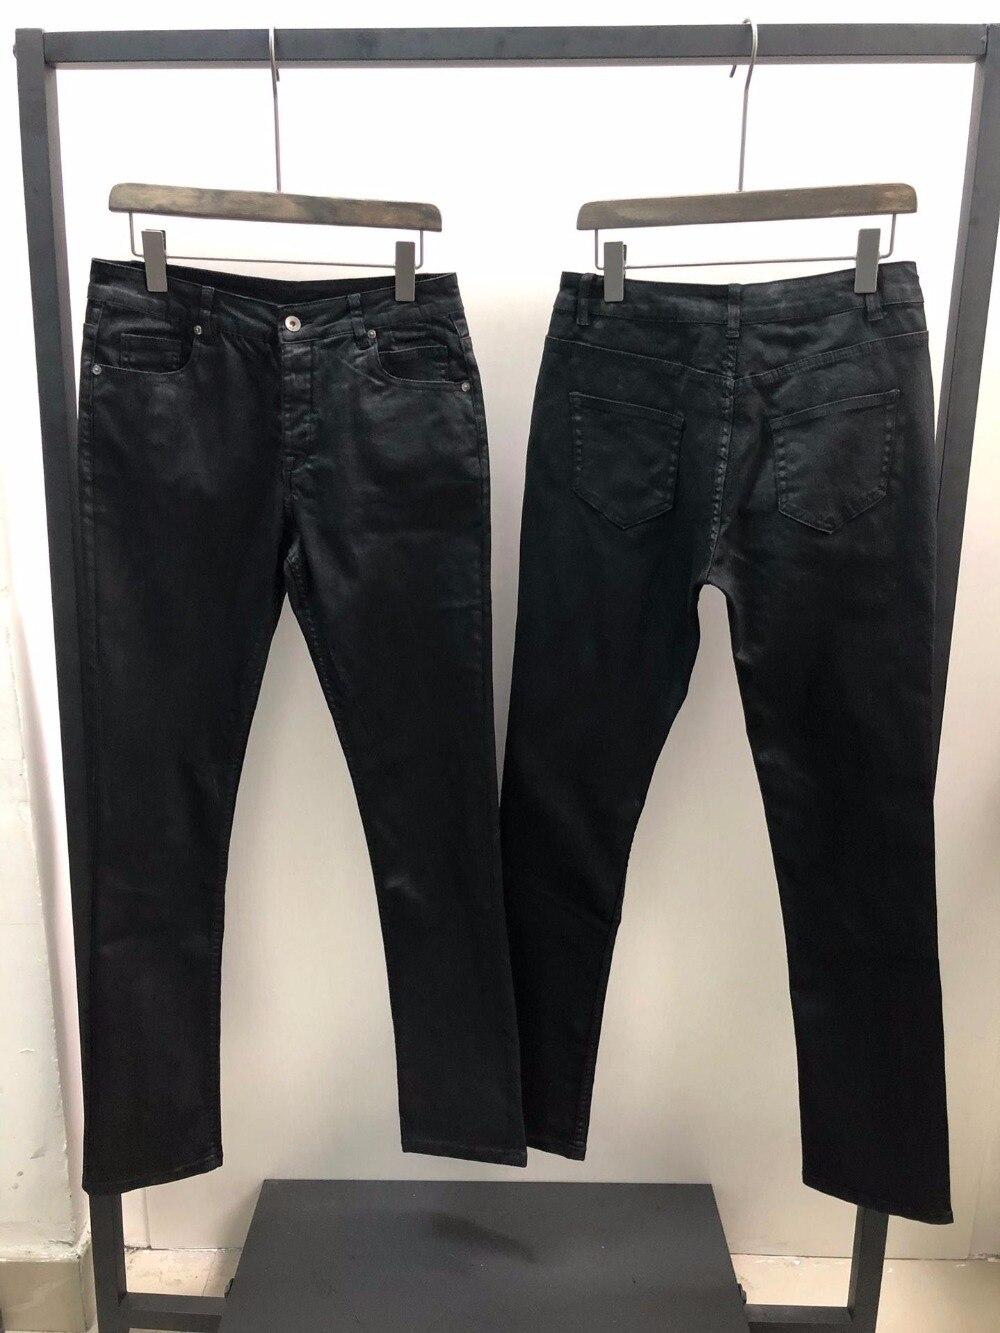 Джинсы Owen Seak мужские, летние, прямые, из 100% хлопка, с покрытием, размер XL